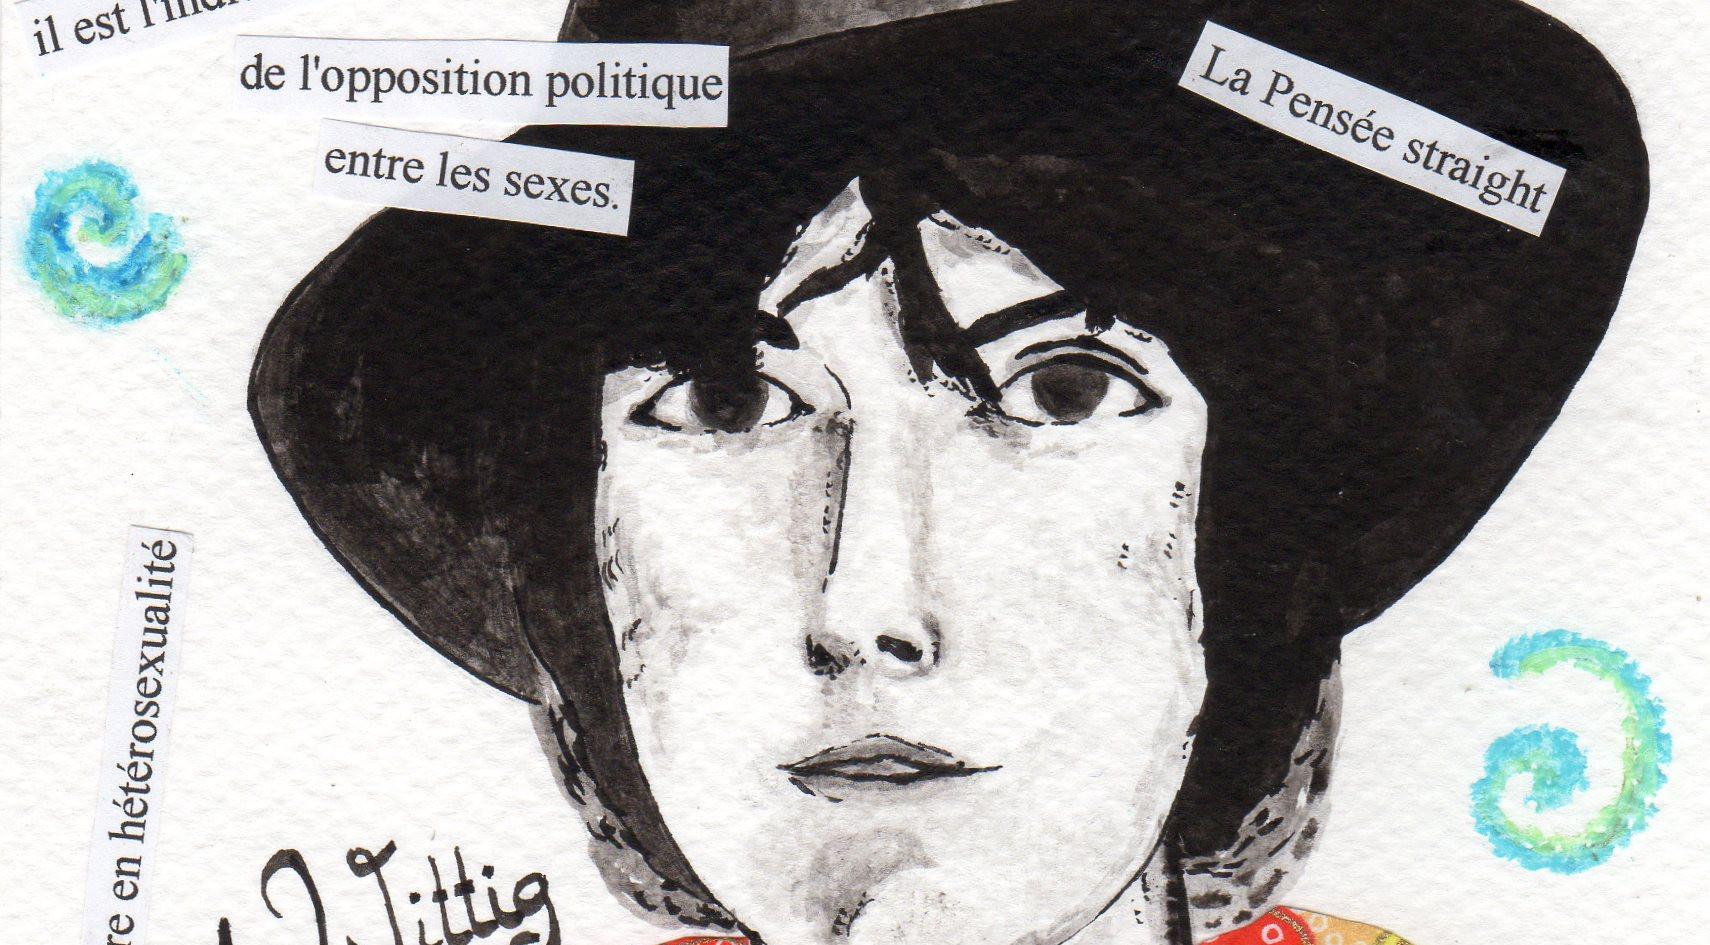 Monique Wittig par Béa